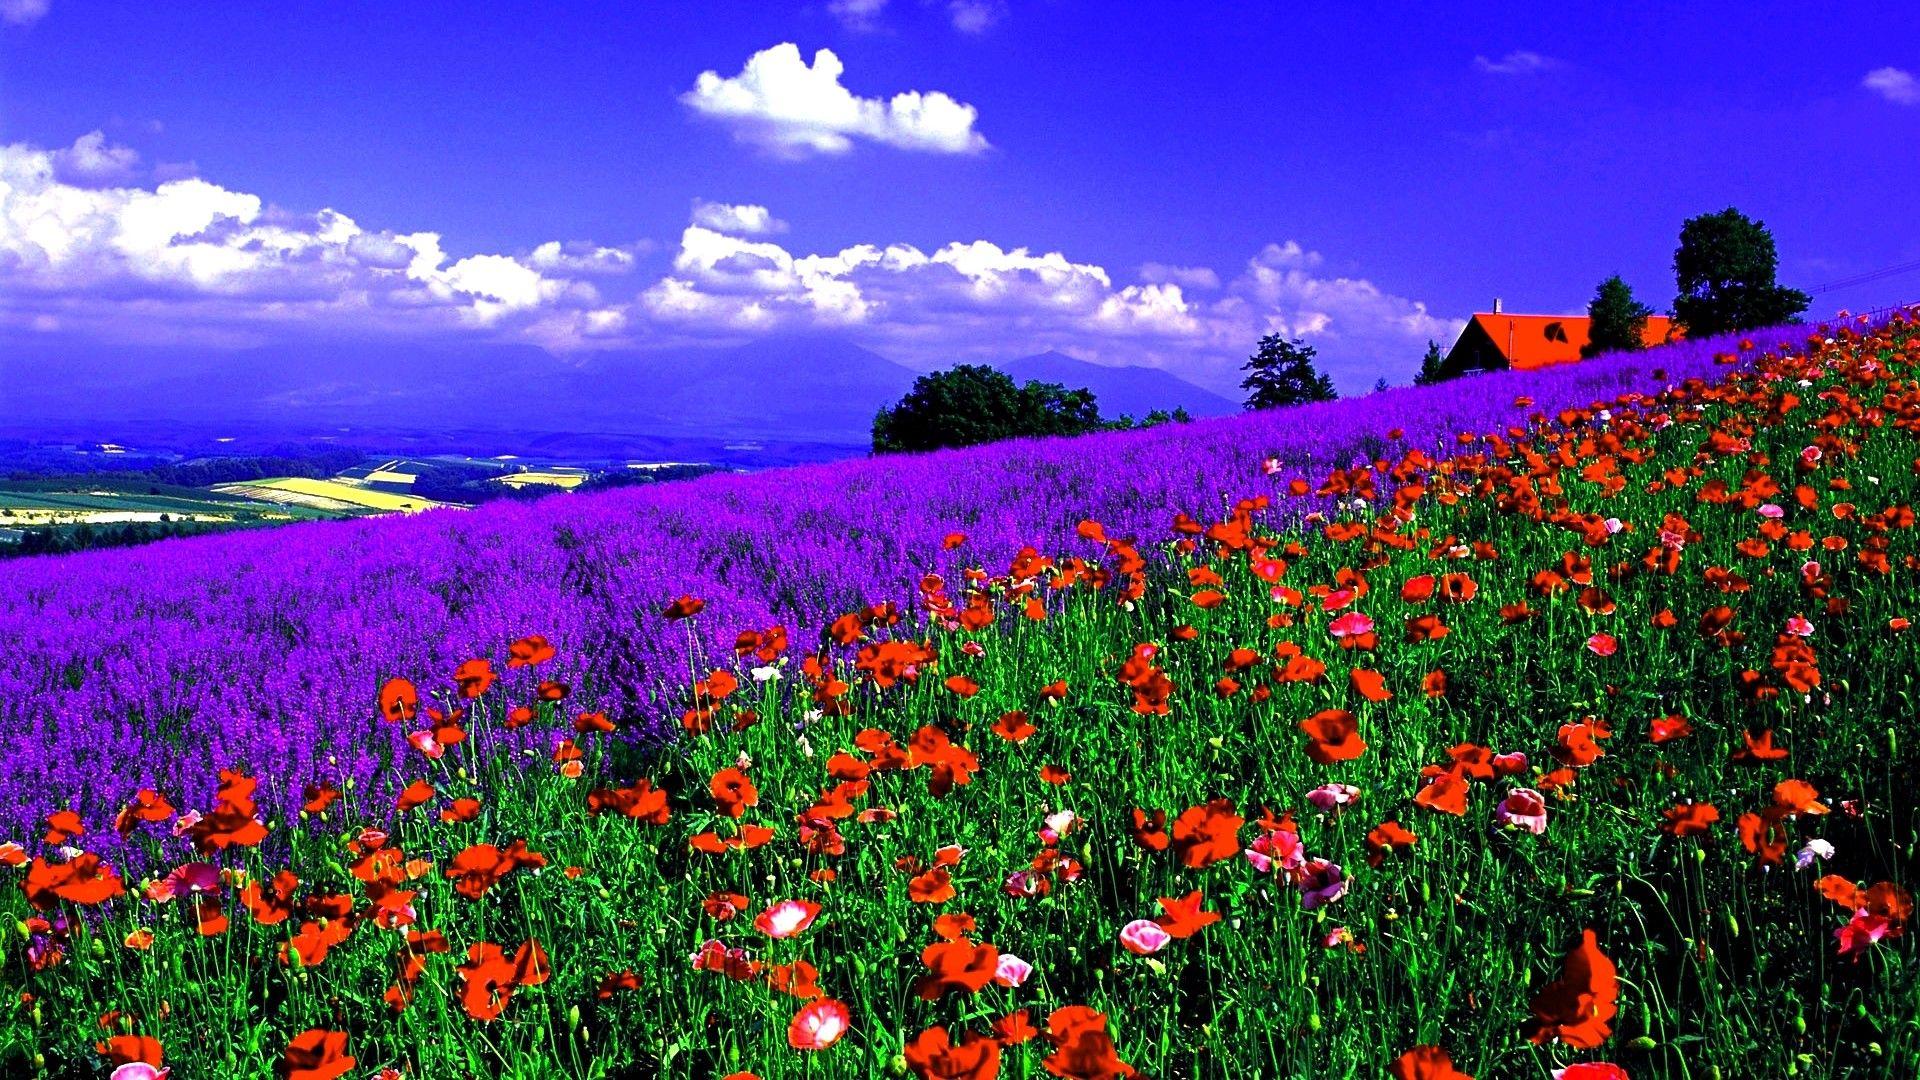 Terranatura Paesaggi Natura Fiori Primavera Sfondo Sfondi